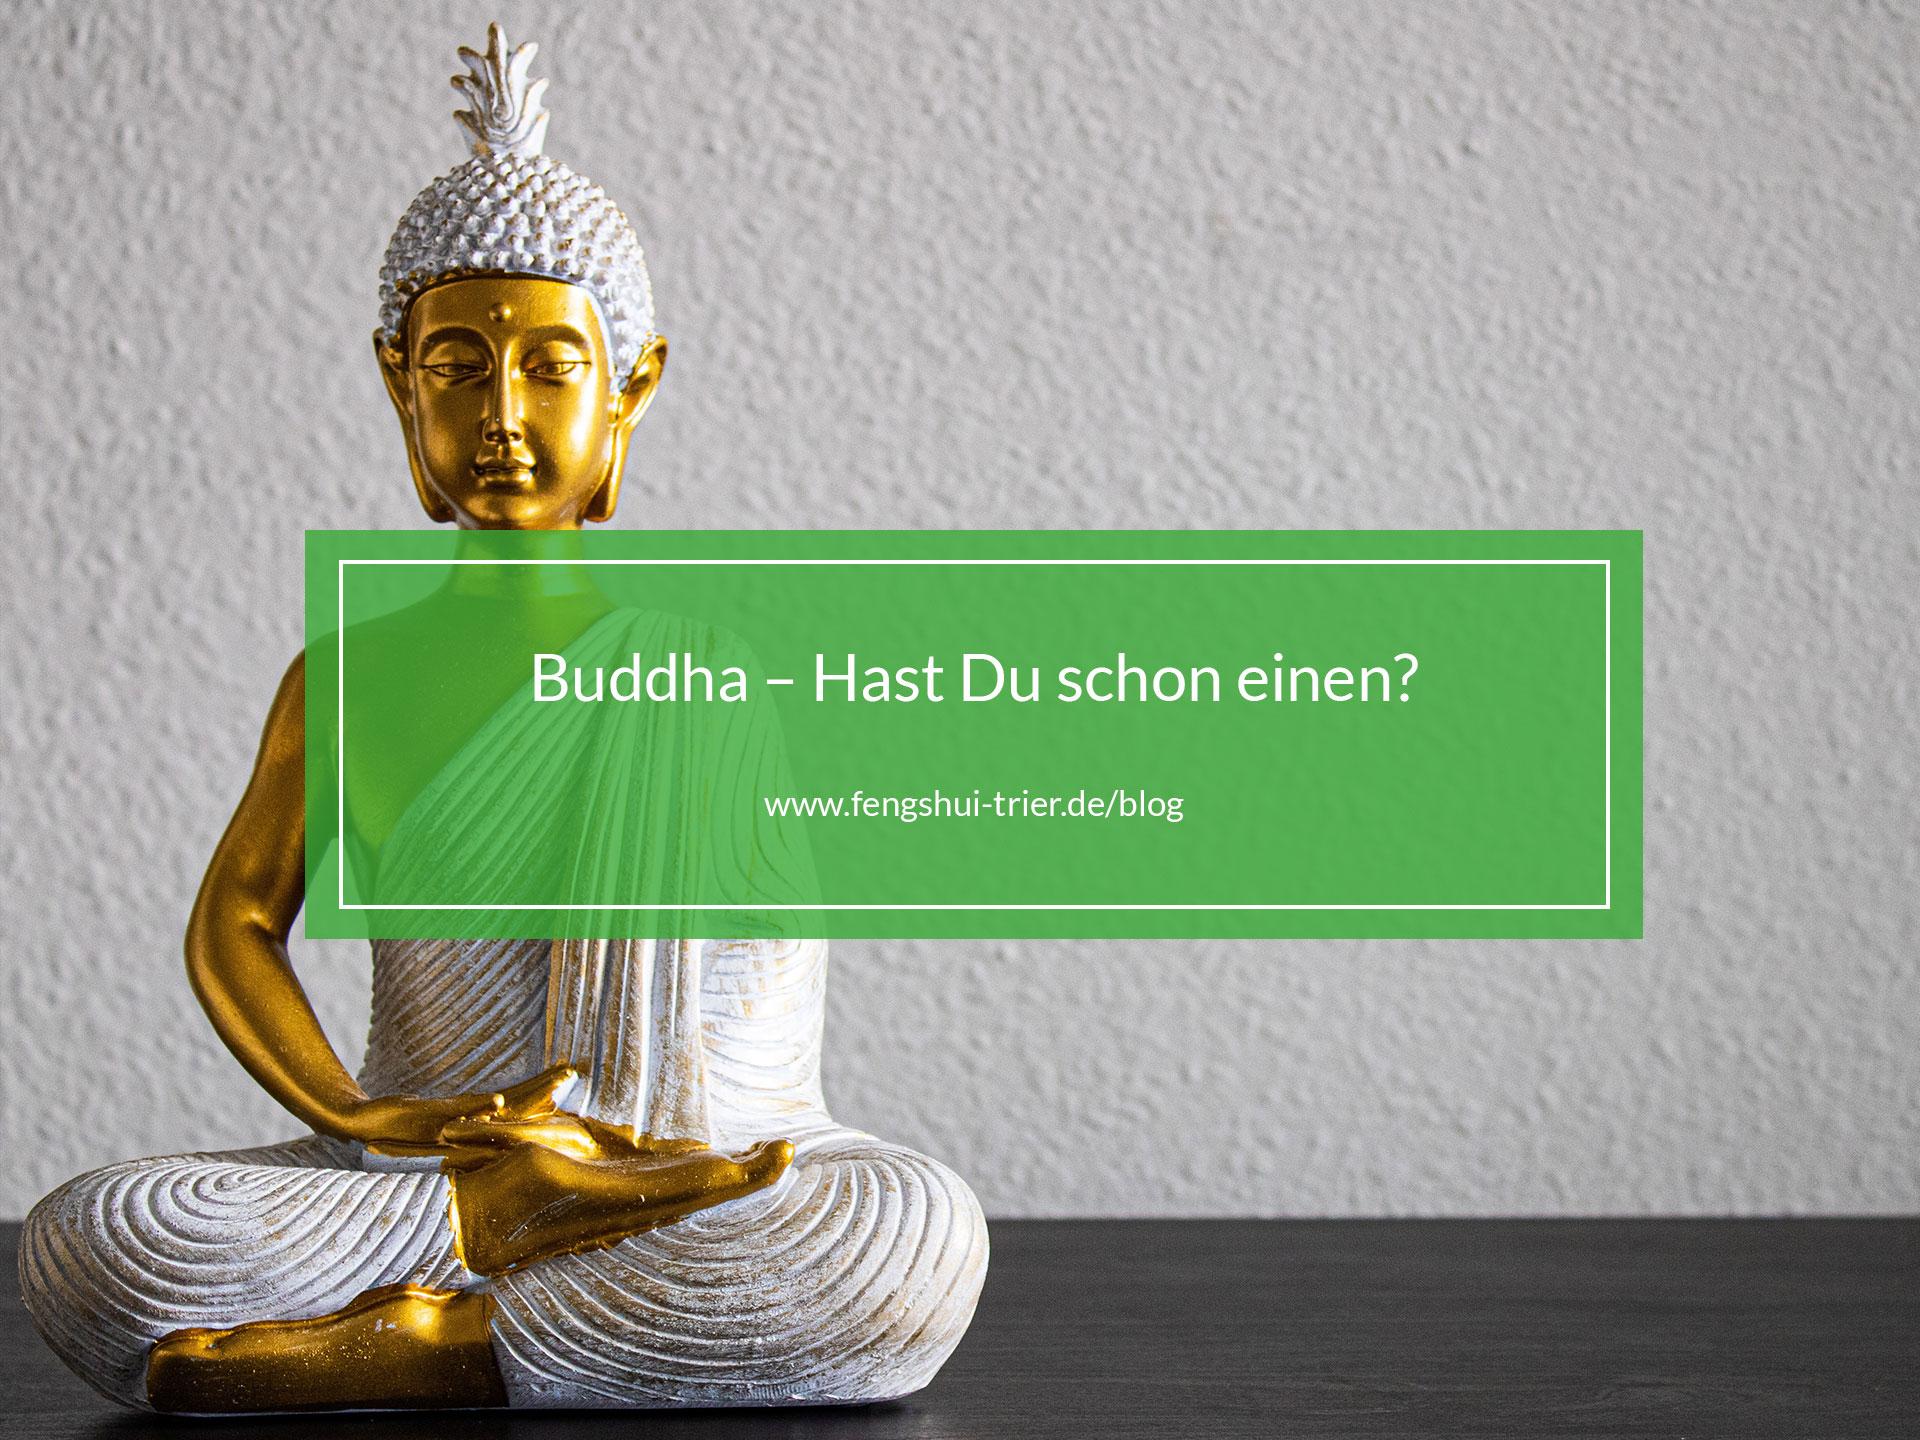 Abbildung einer Buddha Statue